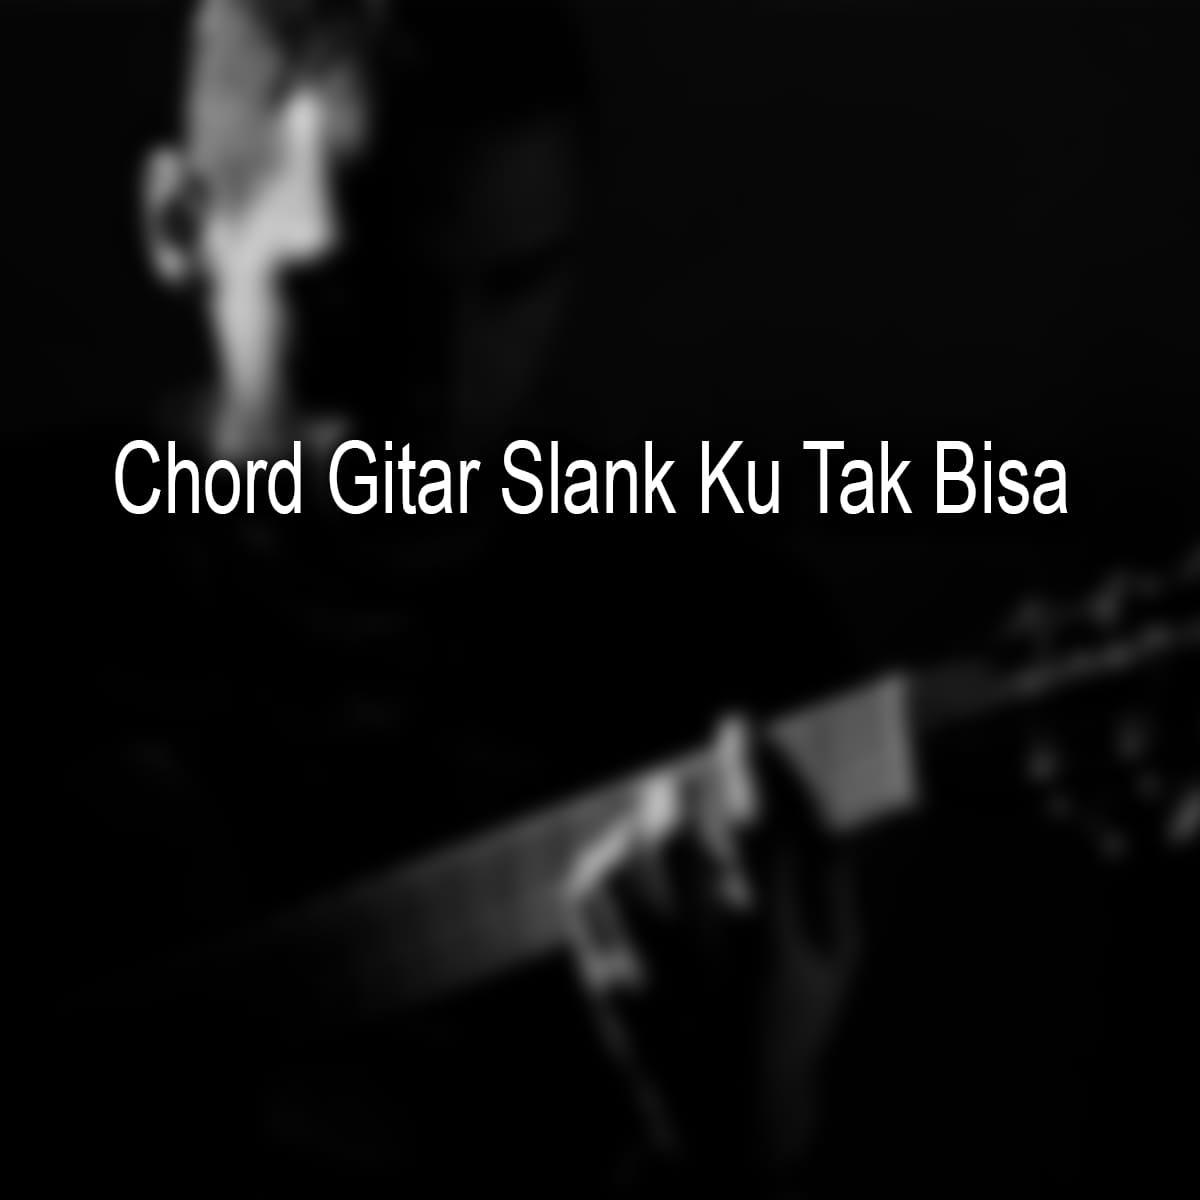 Chord Gitar Slank Ku Tak Bisa